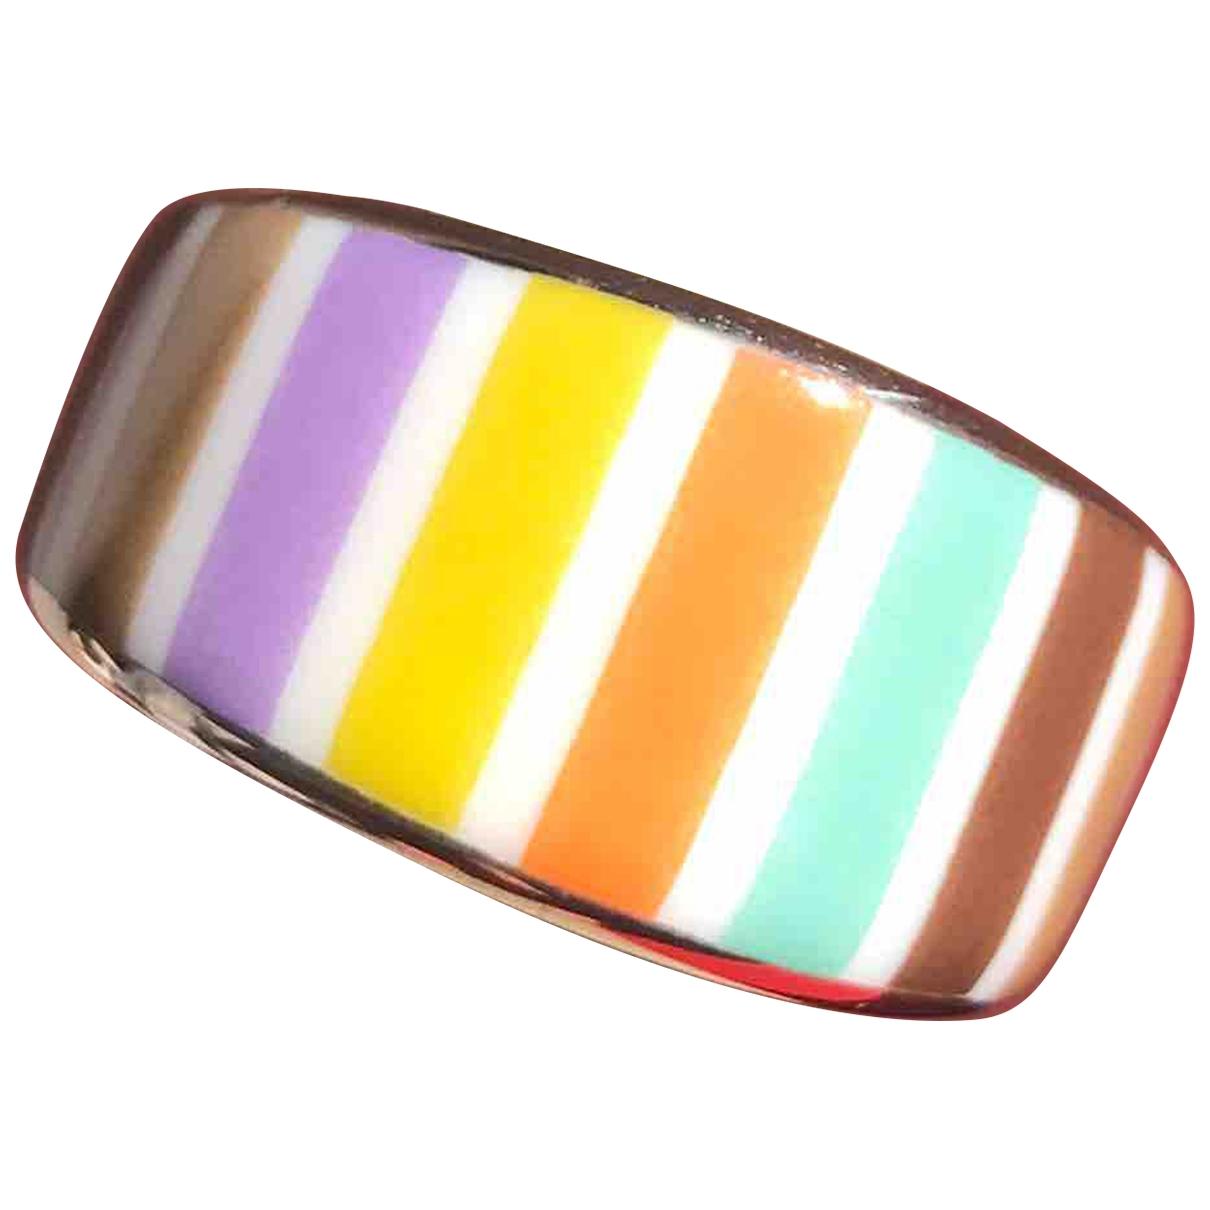 Bernardaud - Bague   pour femme en ceramique - multicolore